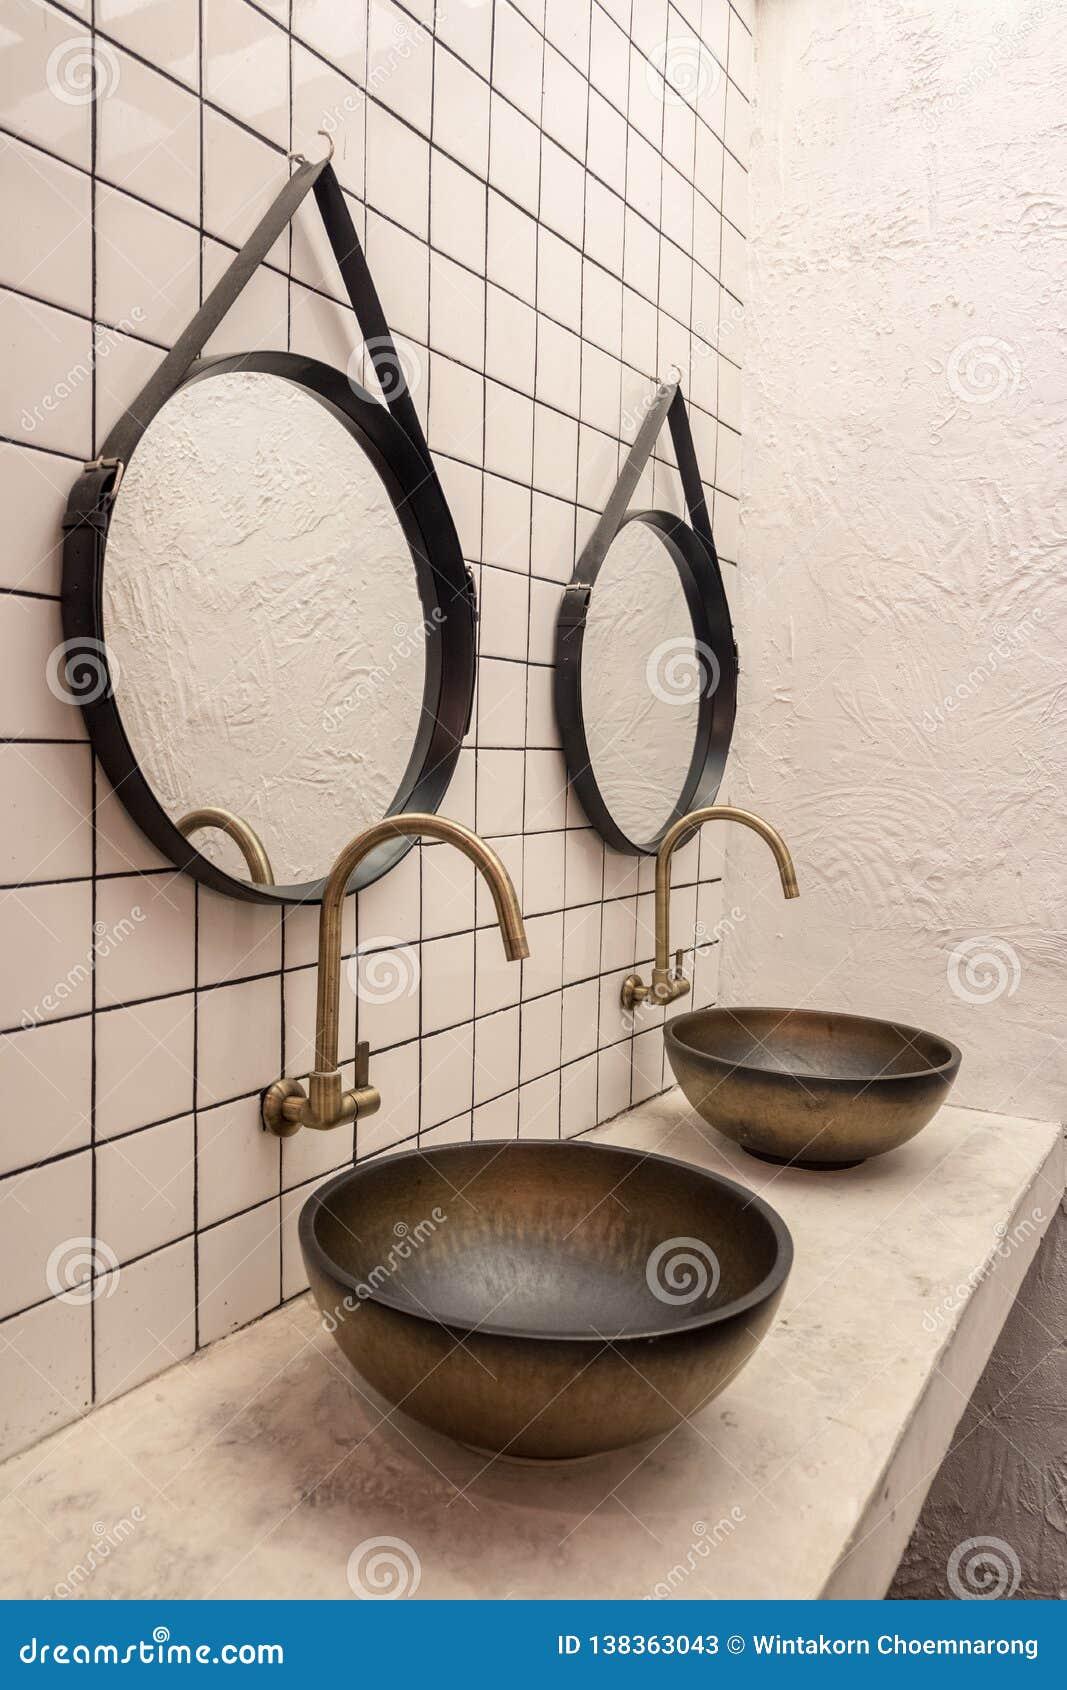 Diseño clásico del cuarto de baño con el golpecito de agua de oro, el fregadero viejo y el espejo retro